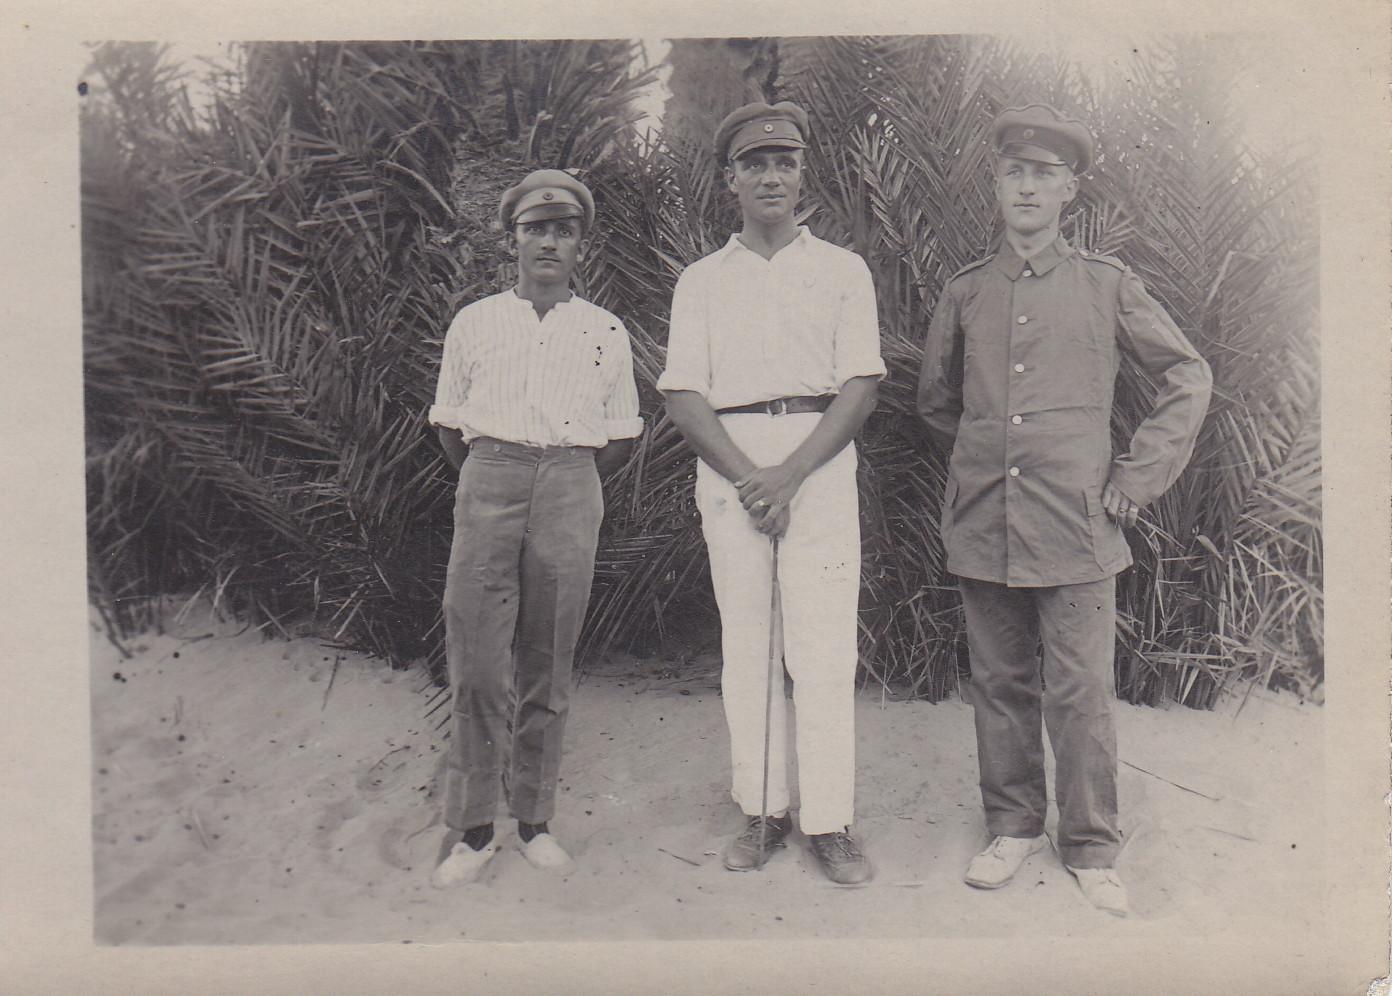 Zur Erinnerung für Ewald Engels von Anton Wachter - 1919 - Ostafrika-Kämpfer